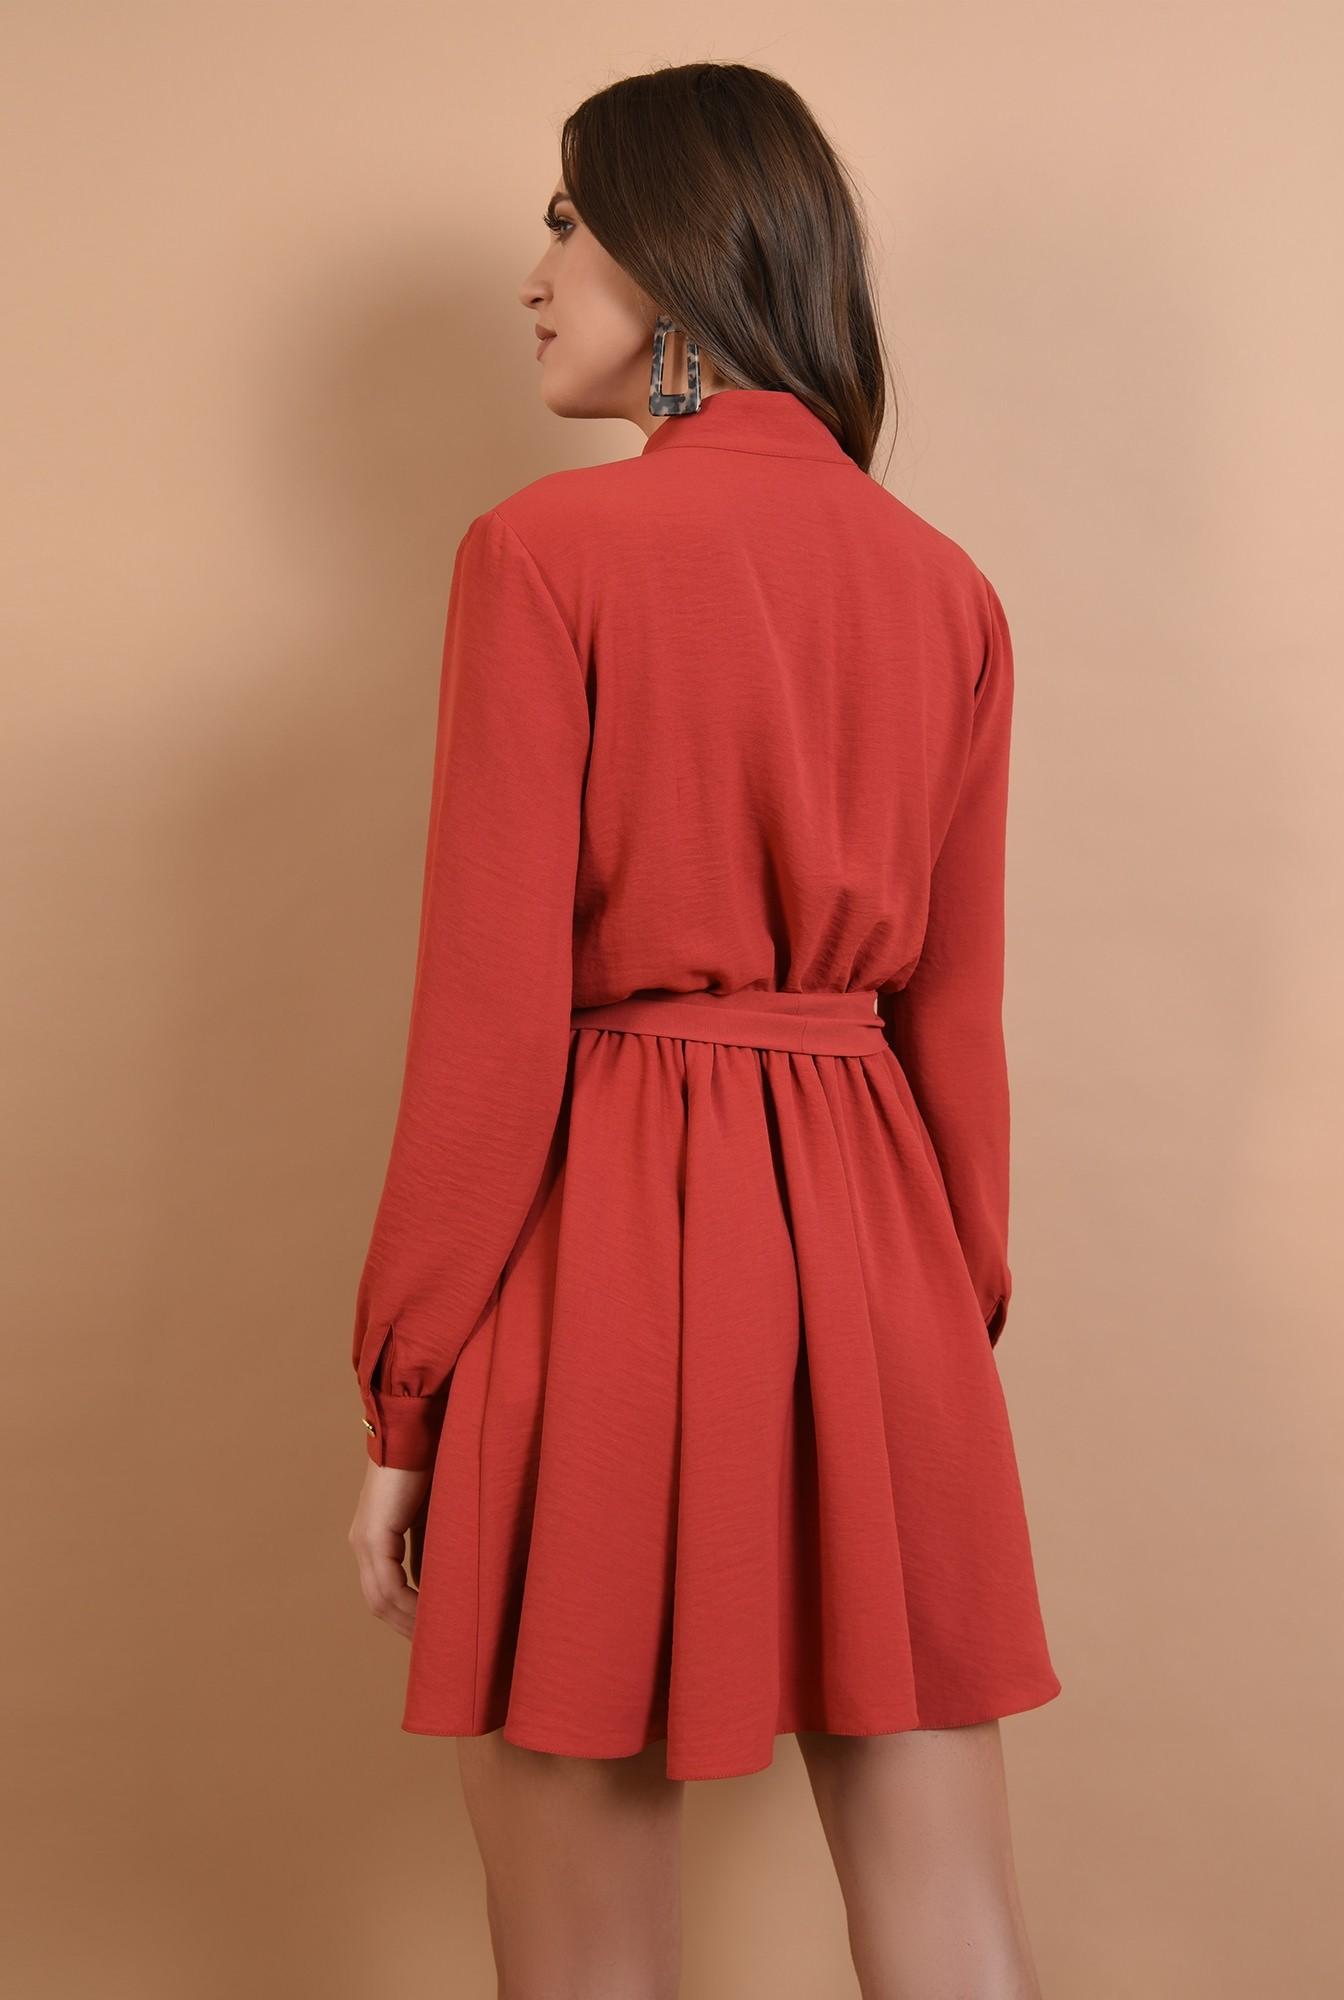 1 - rochie rosu, casual, croi clos, cu cordon, nasturi aurii